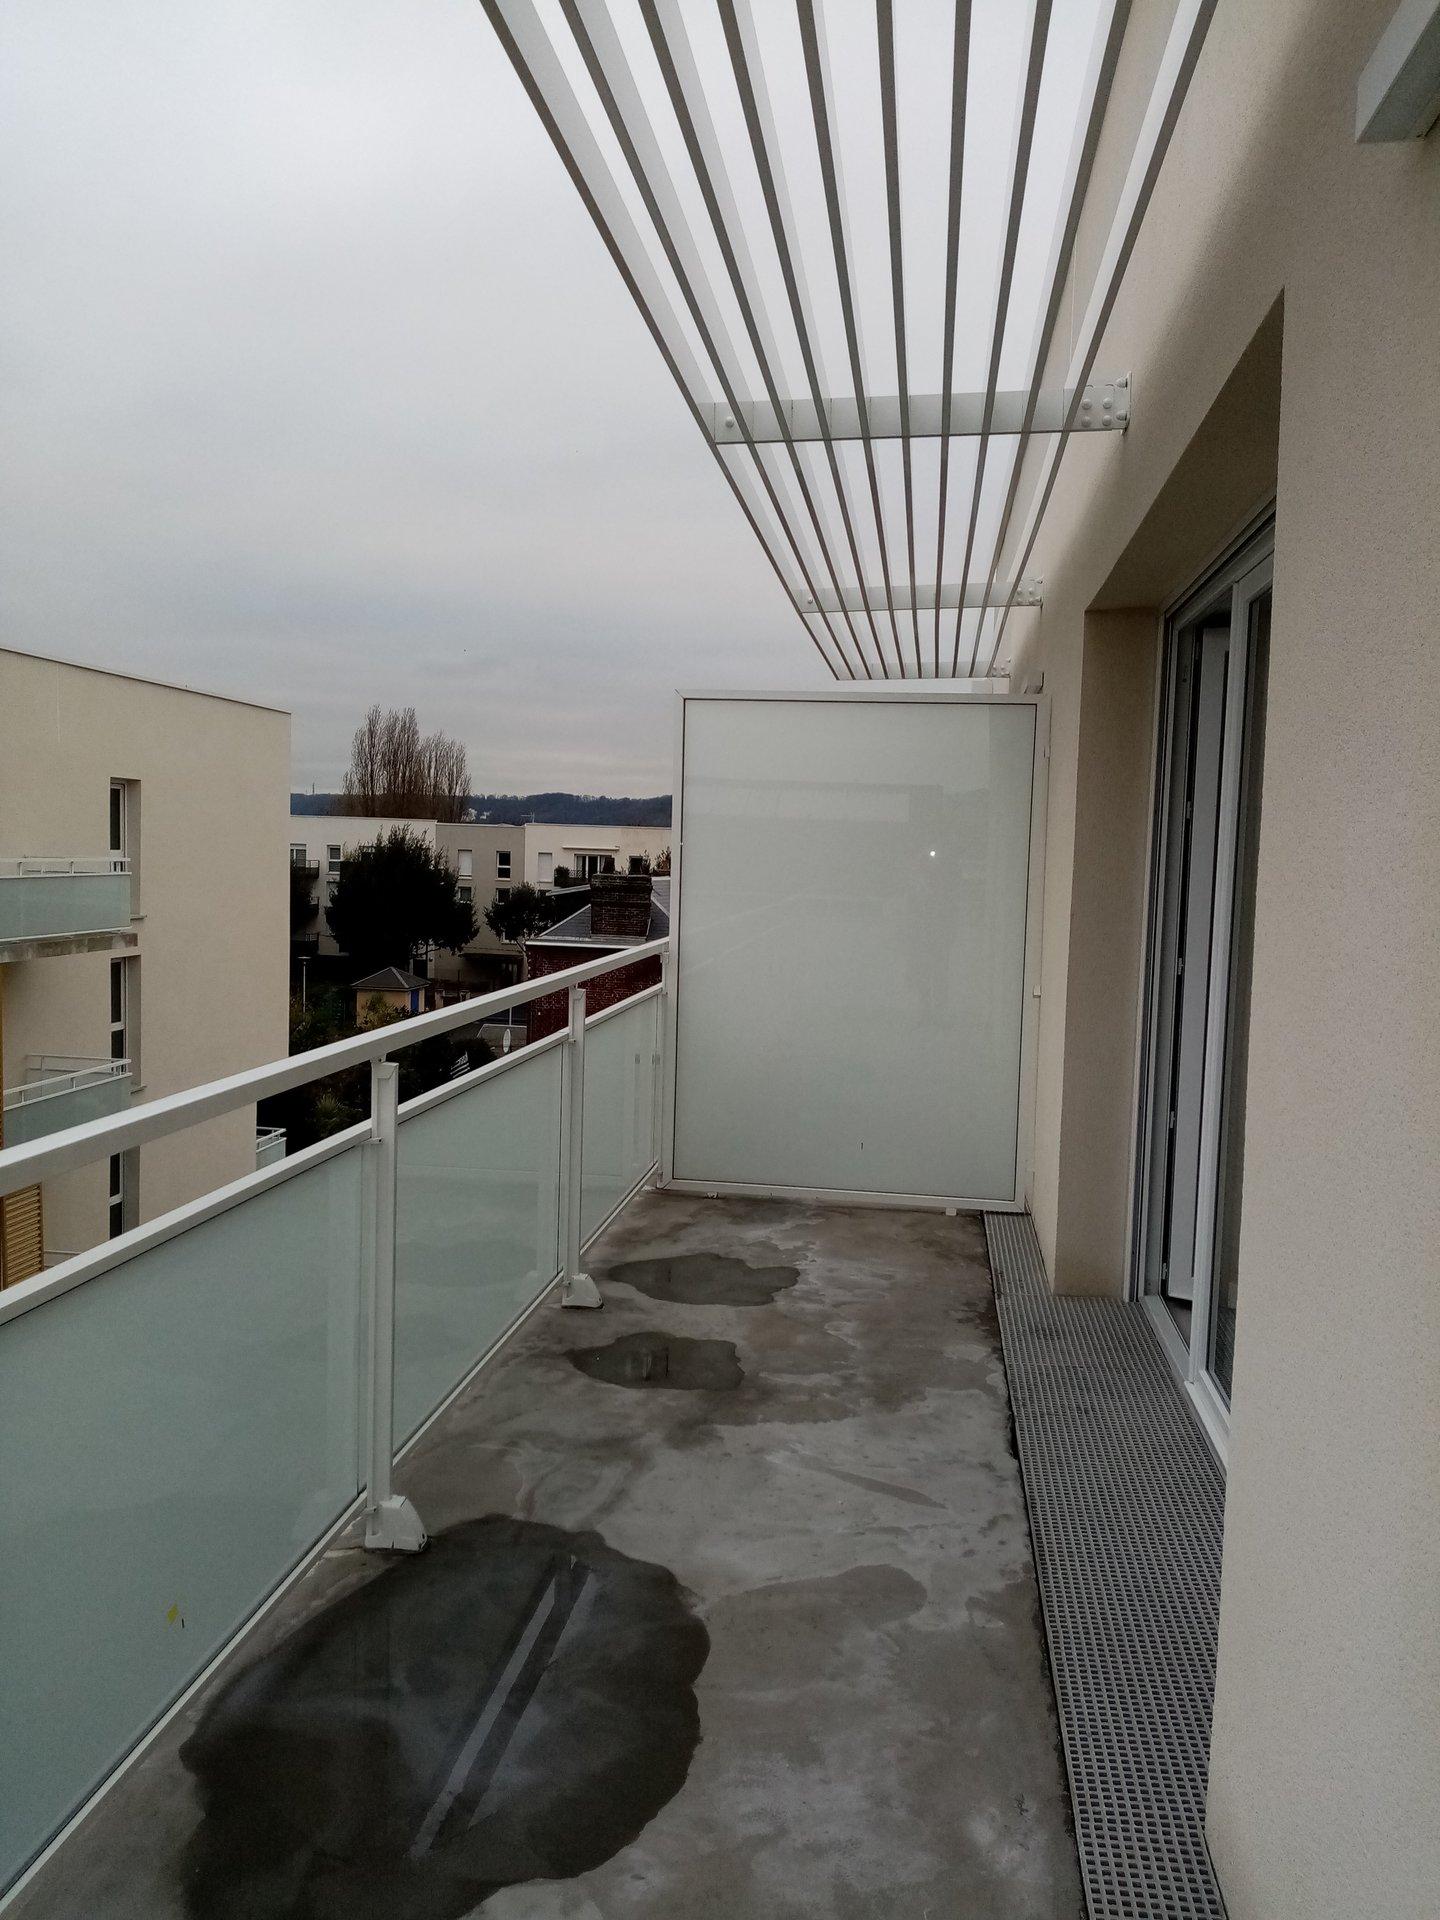 Rés. neuve BEL AMI - T3 avec balcon - limite ROUEN